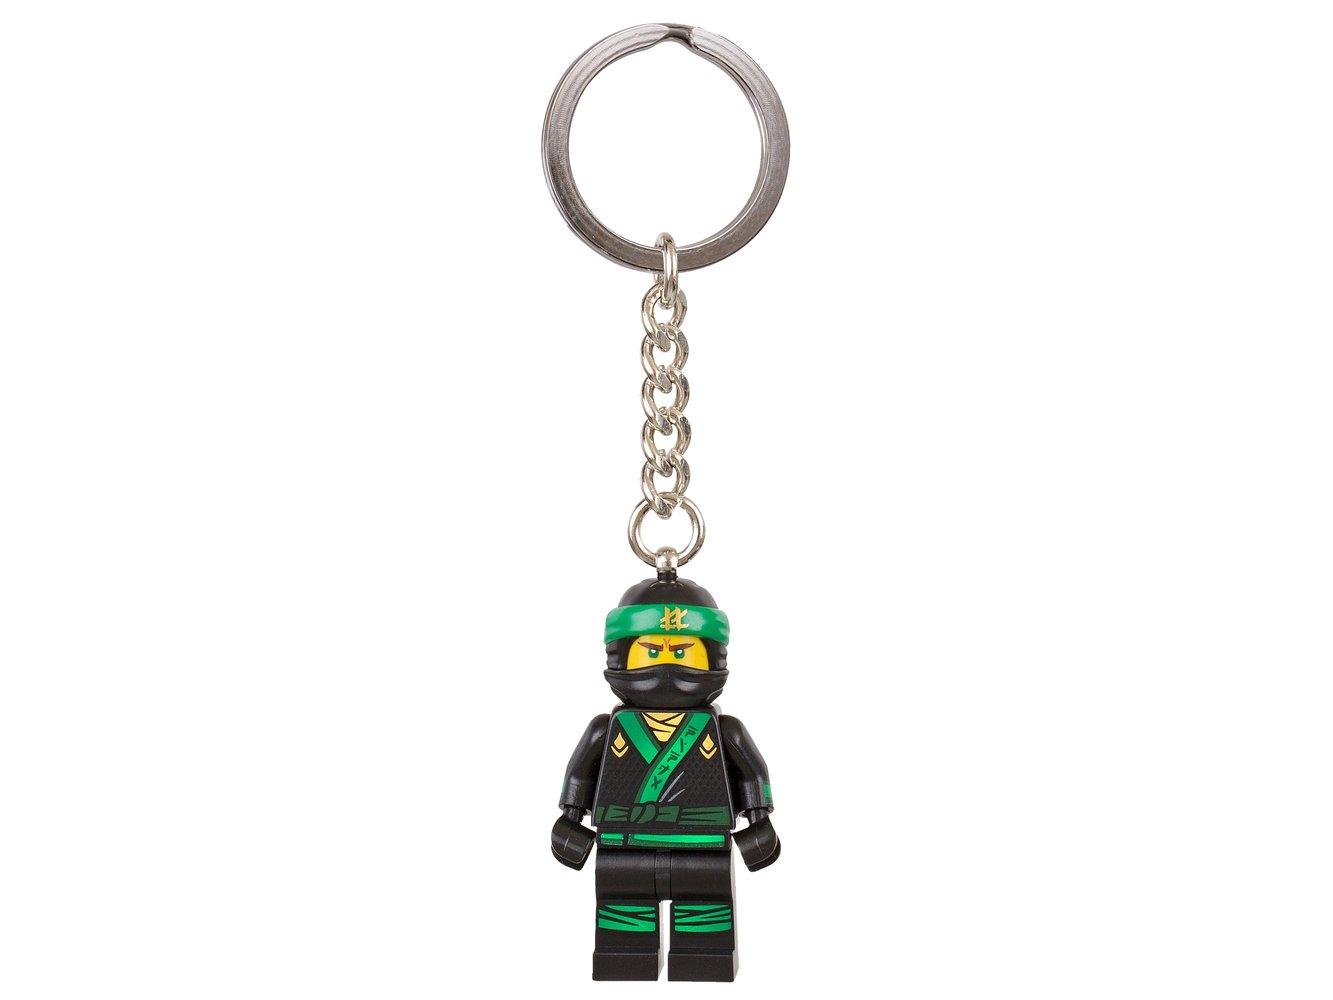 Lloyd Key Chain